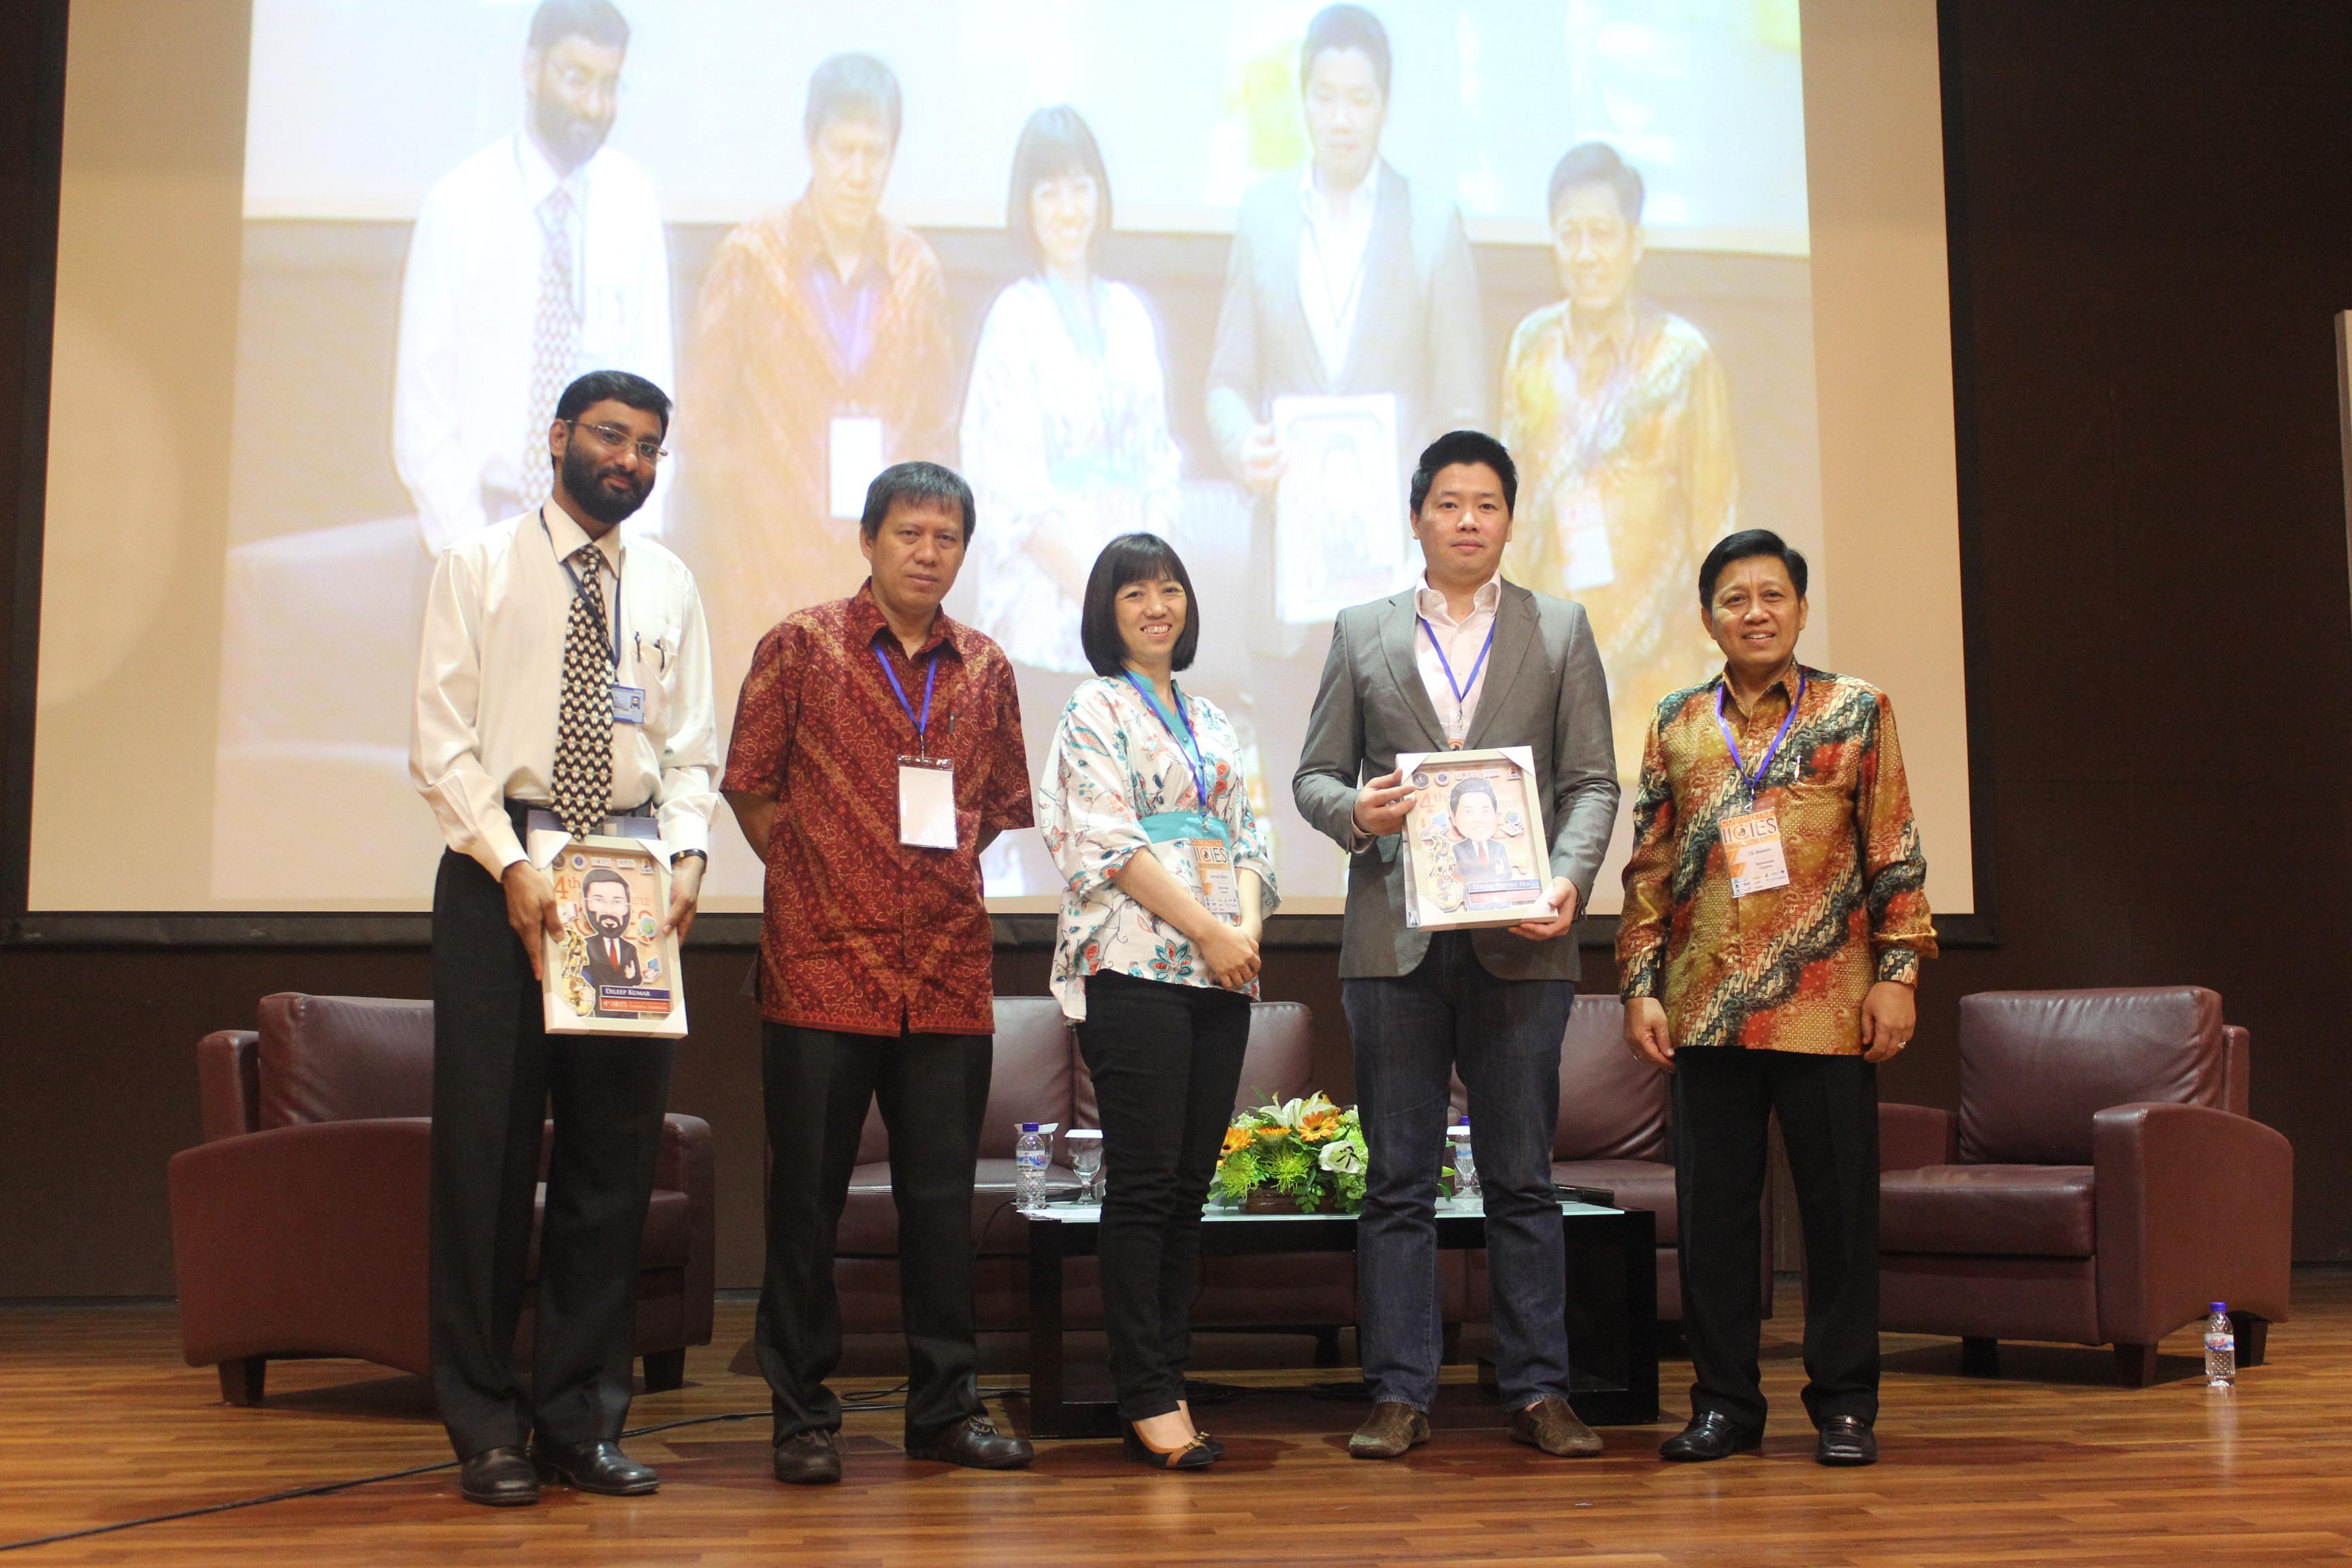 IICIES 2012 Day 2